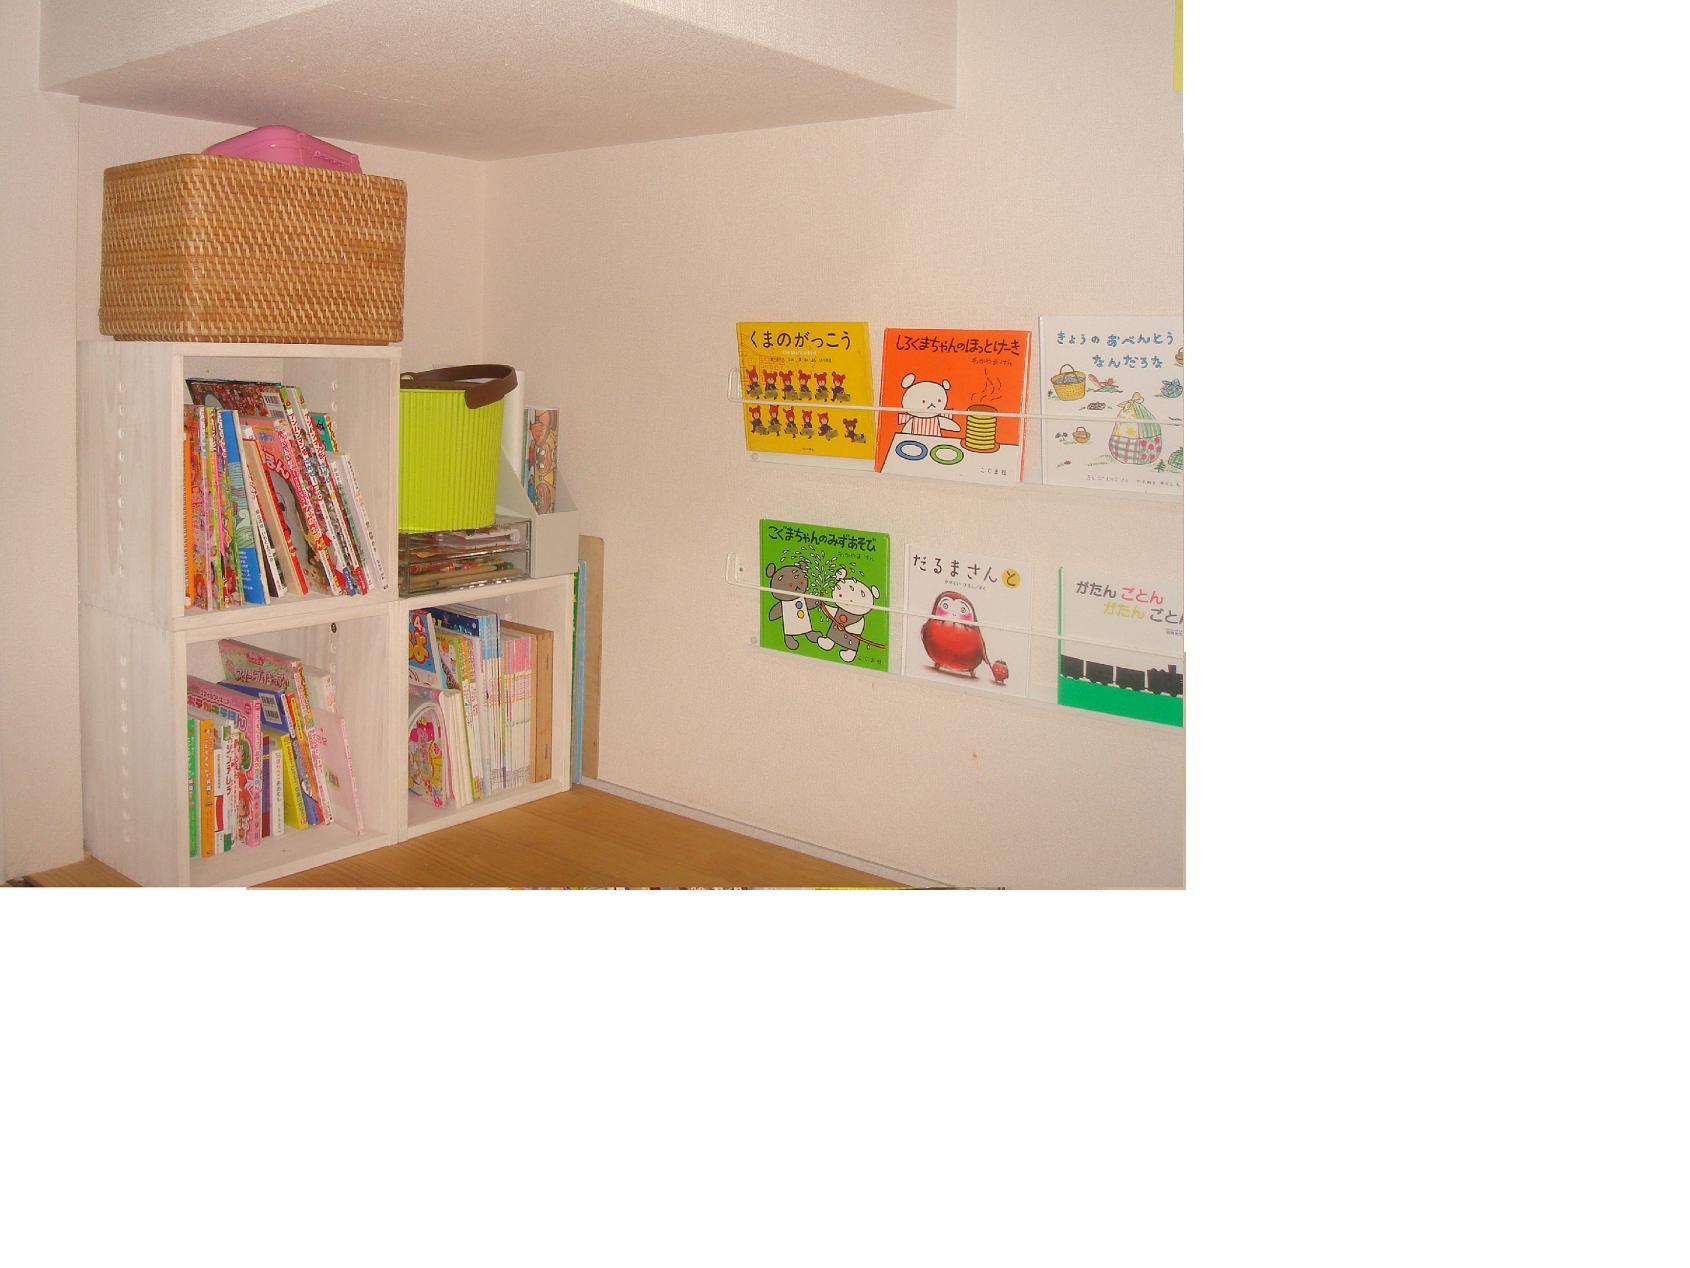 【子供用 本棚】 リビングの子供スペースの本棚に。ホワイトの木がとてもきれいで、白い壁にマッチしています。大きさもぴったりで、背の高い本もたくさん収納できます。子供が小学生になったら教科書や、学校用具の整理に使うつもりです。【子供部屋 無垢 木製 収納 ラック キューブ カラーボックス 本棚 絵本 おもちゃ 収納 図鑑 大型本】